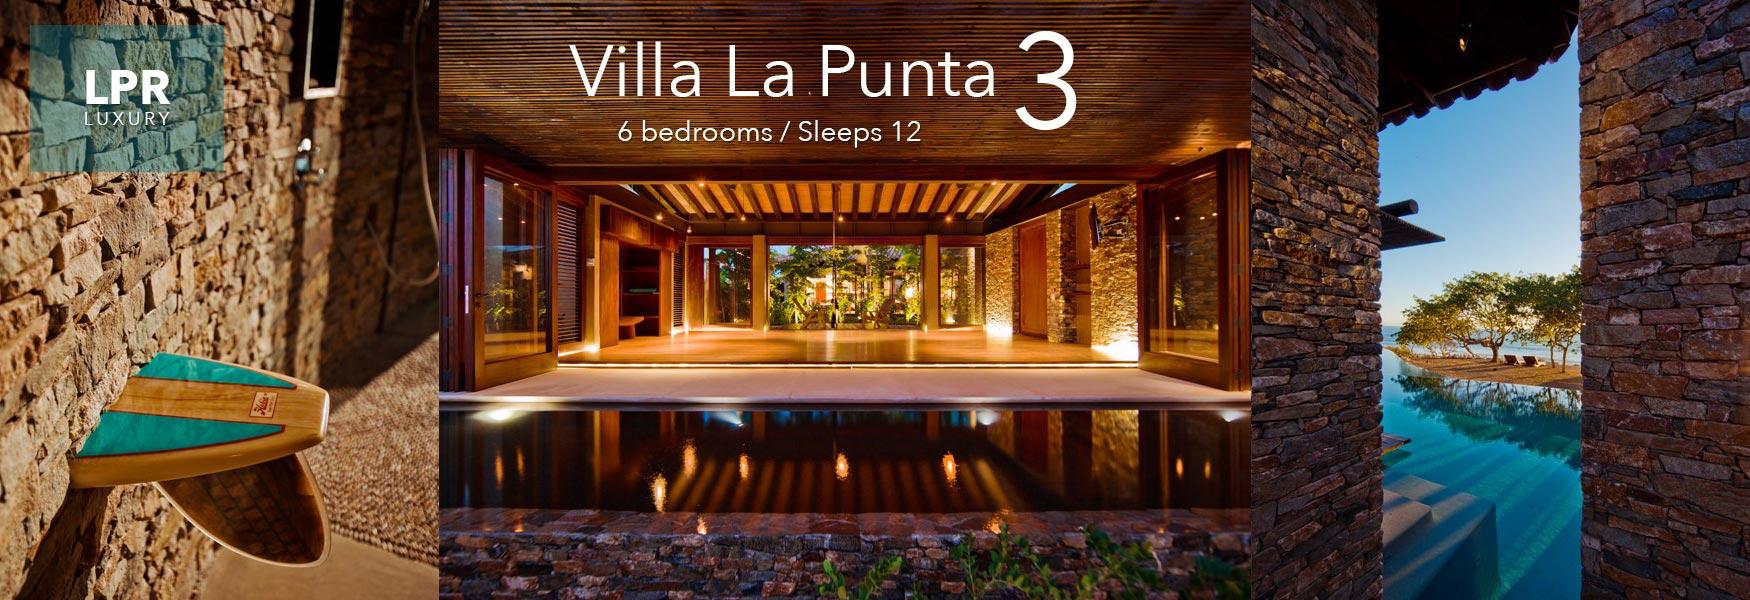 Villa La Punta 3 - La Punta Estates, Punta Mita Resort, Mexico